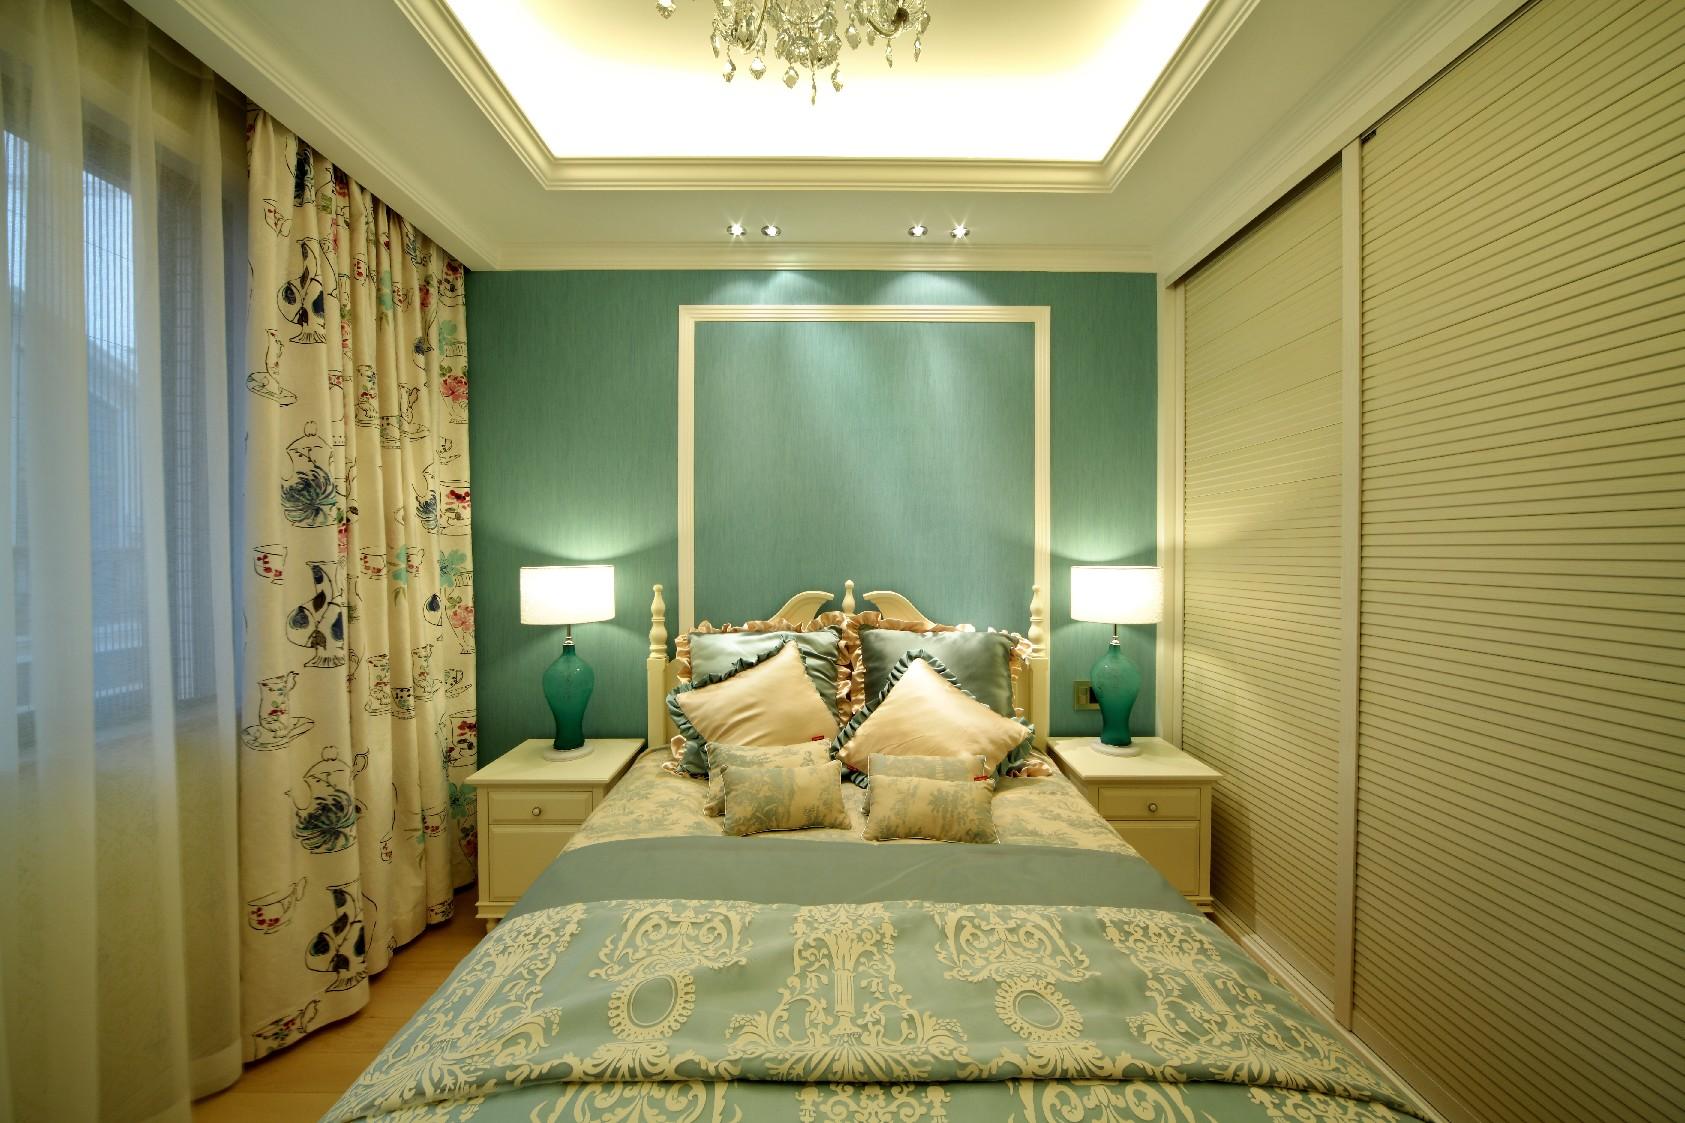 主卧室连着阳台,光线是比较好的,装上推拉门也是为了更好的隔音、隔热。